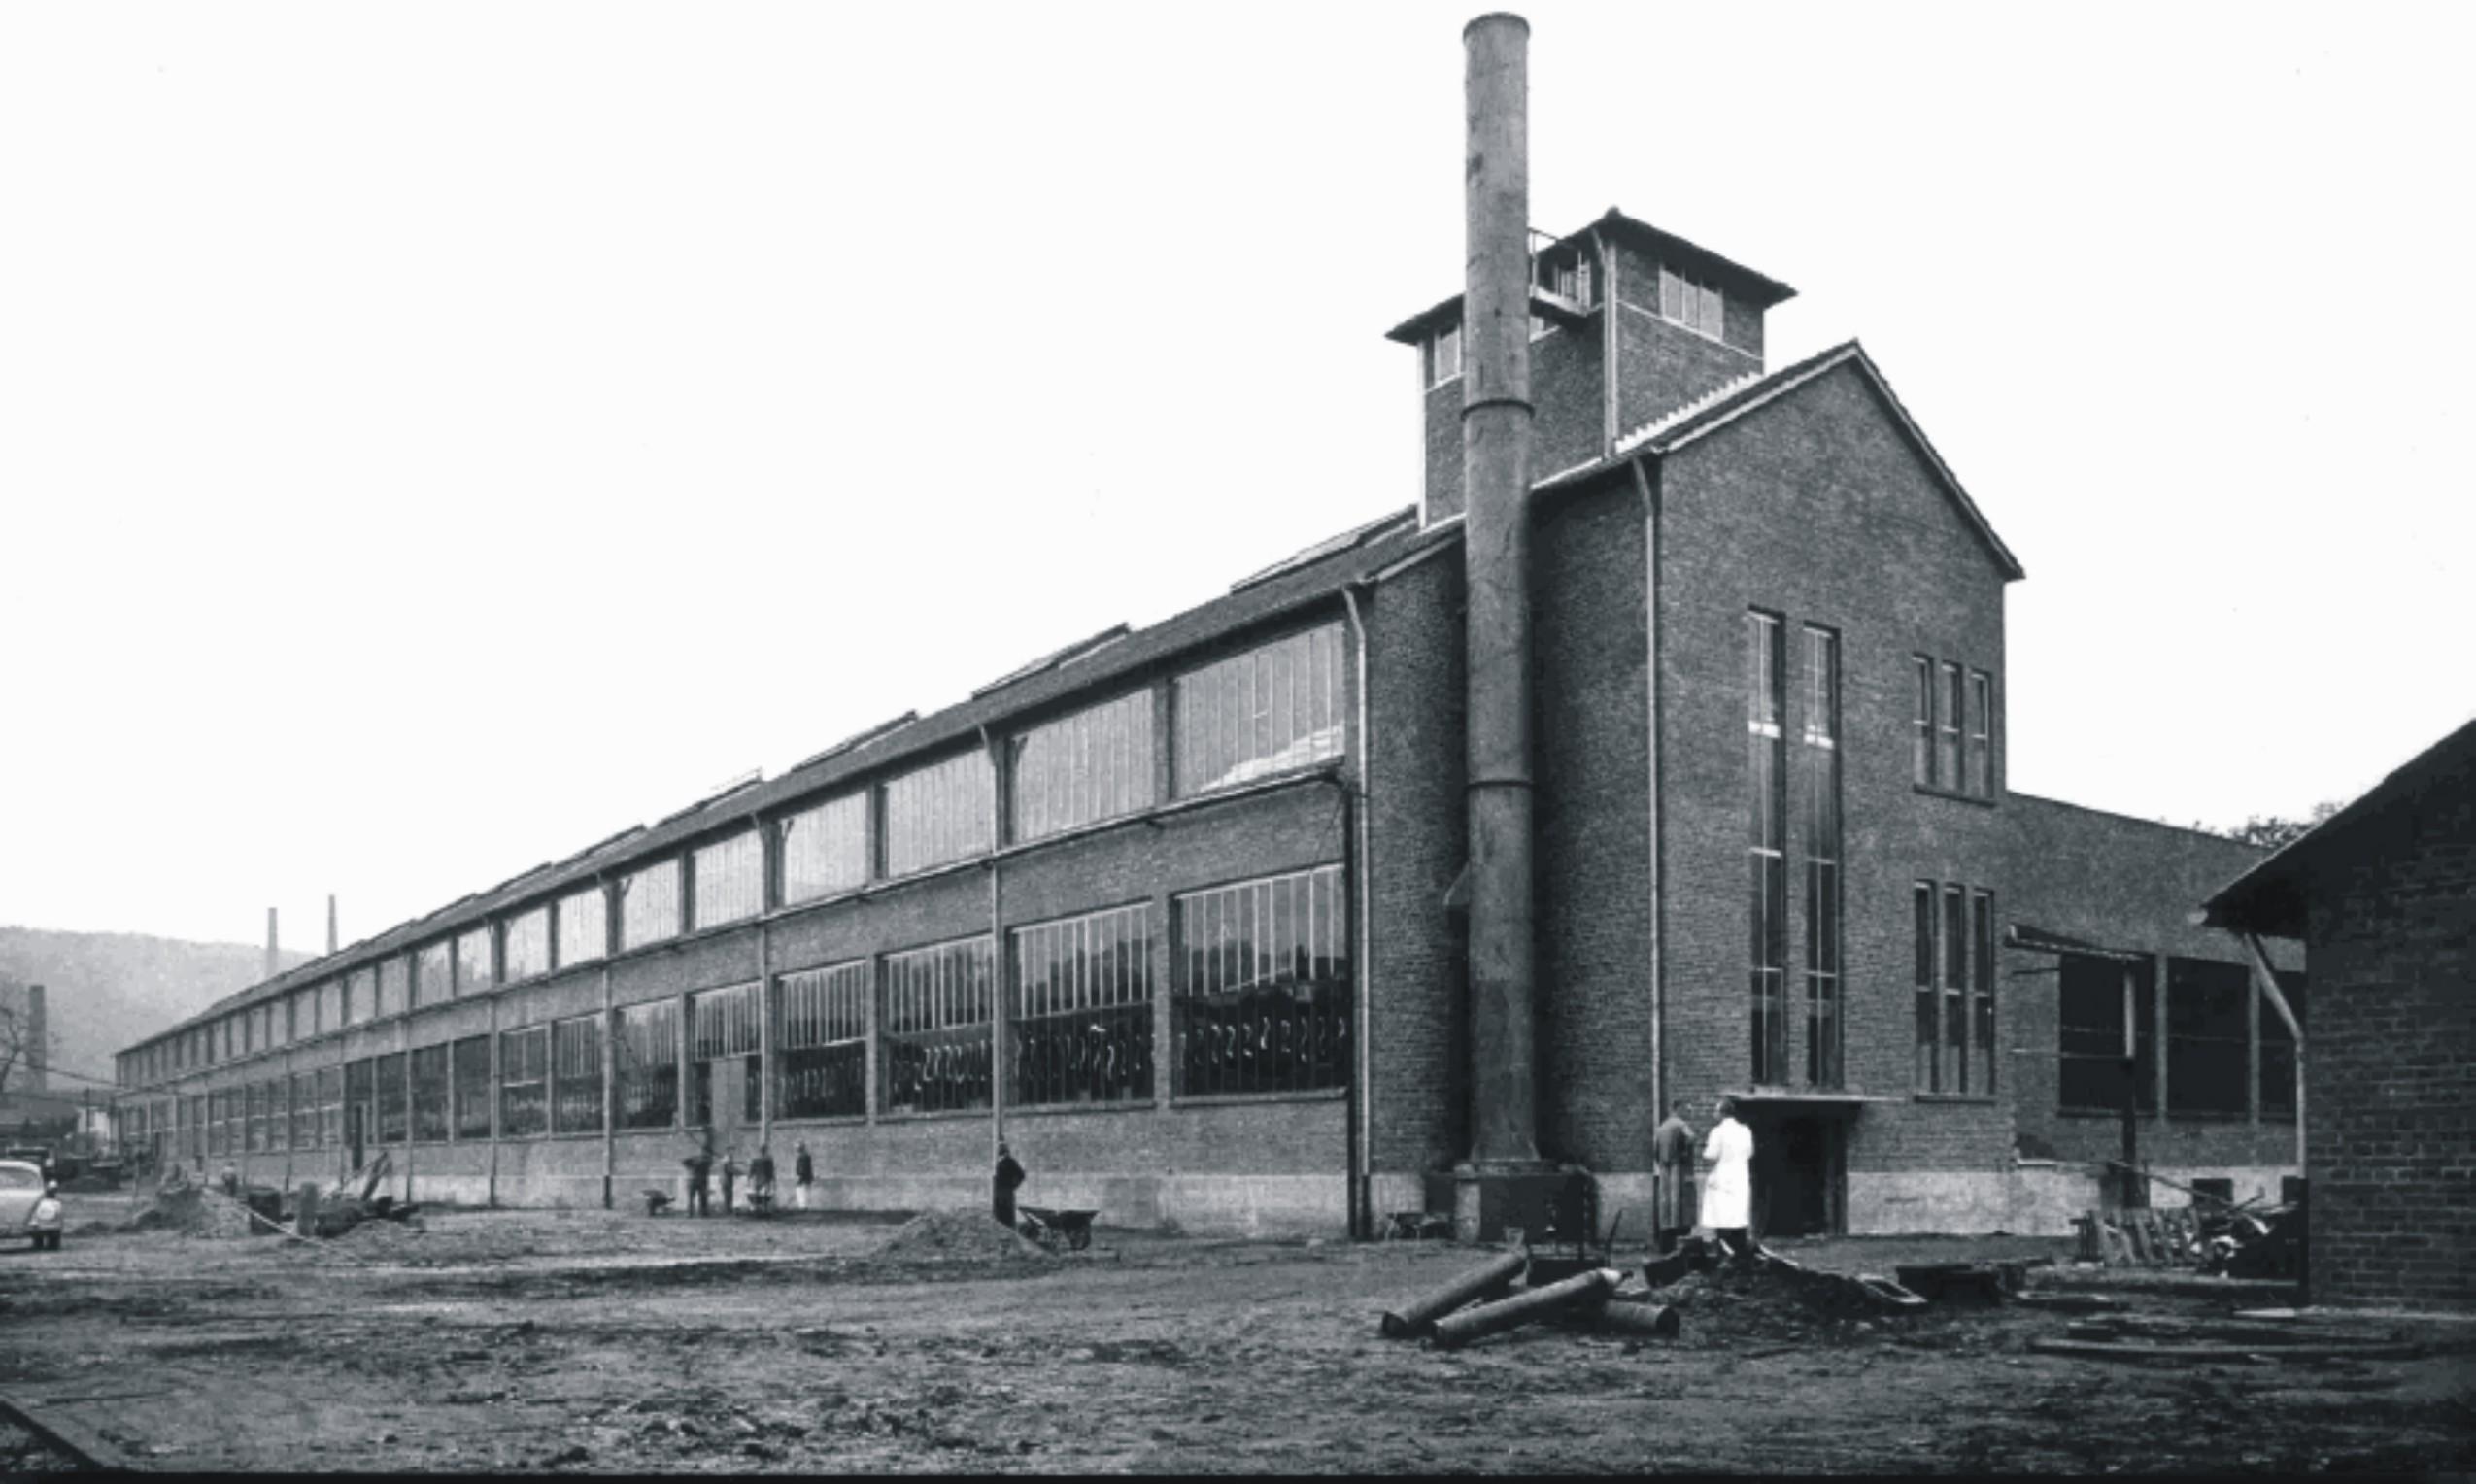 Gebäude 115 aus dem Jahre 1954 (Quelle Villeroy & Boch AG)